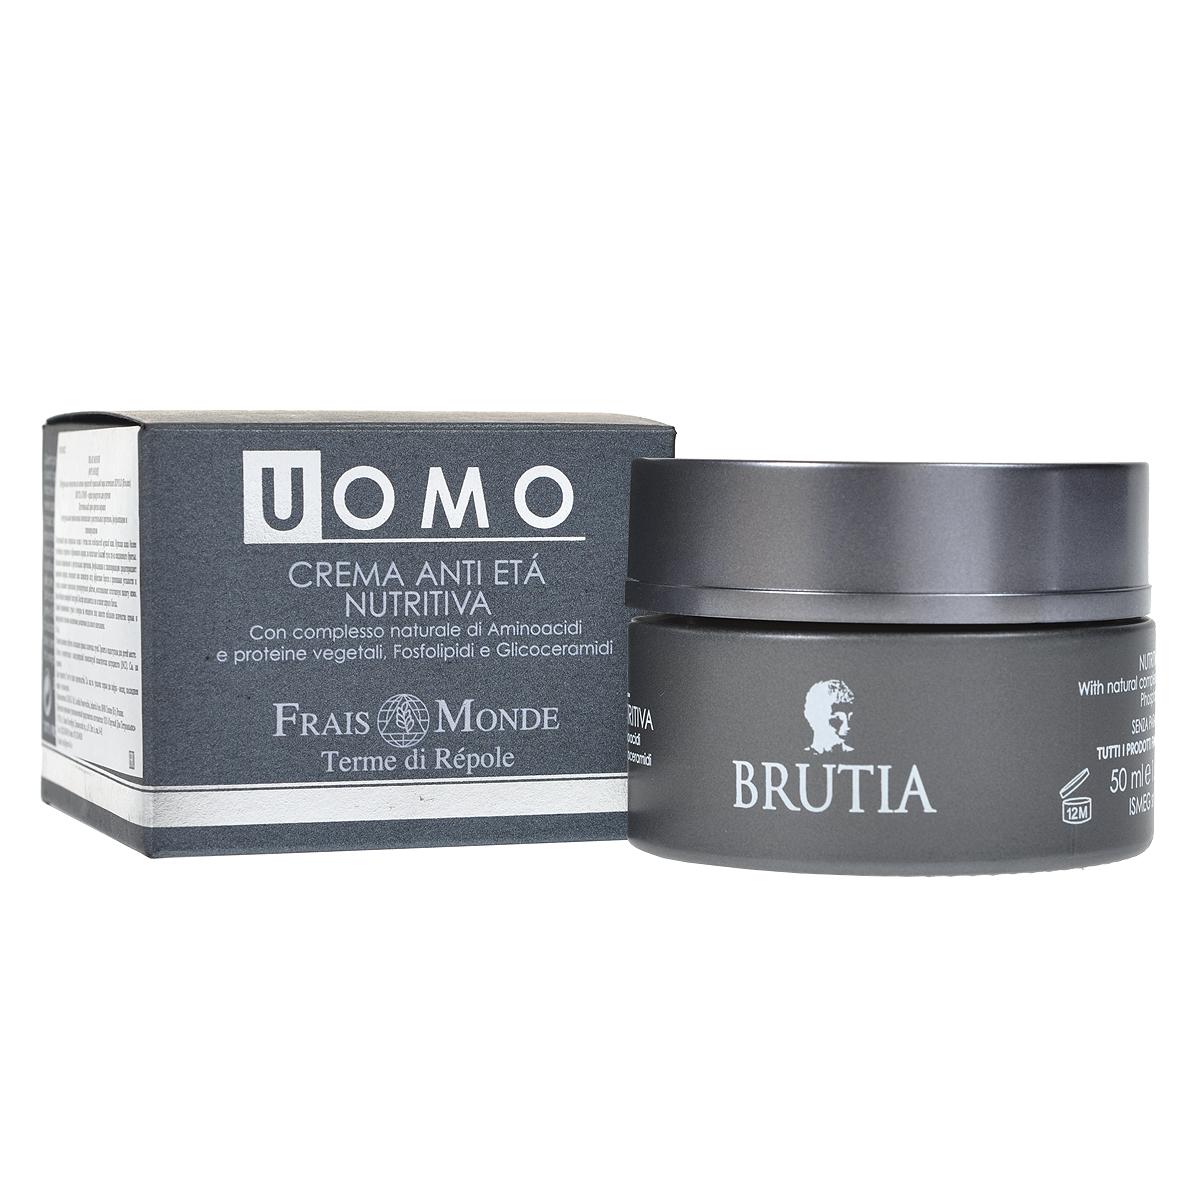 Питательный крем Brutia. Frais Monde против морщин, для мужчин, 50 мл